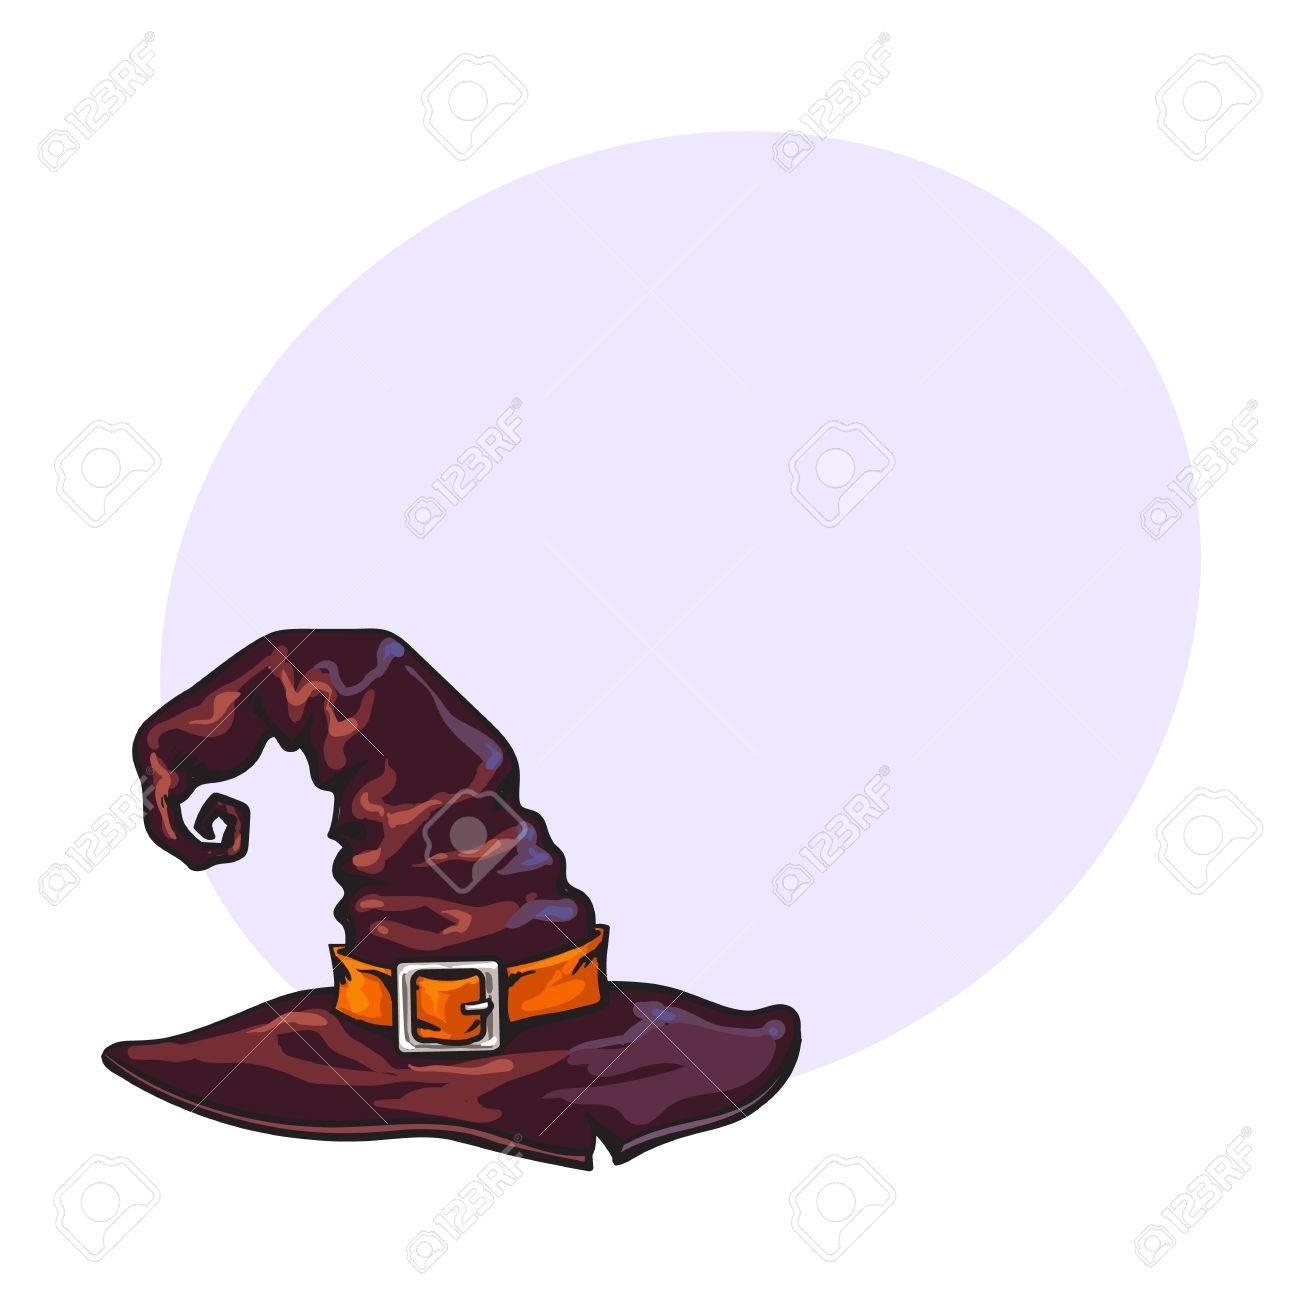 Decoration Sorciere Halloween.Vieille Sorcière Chapeau Pointu Assistant élément De Décoration Halloween Illustration Vectorielle De Style Croquis Avec Un Espace Pour Le